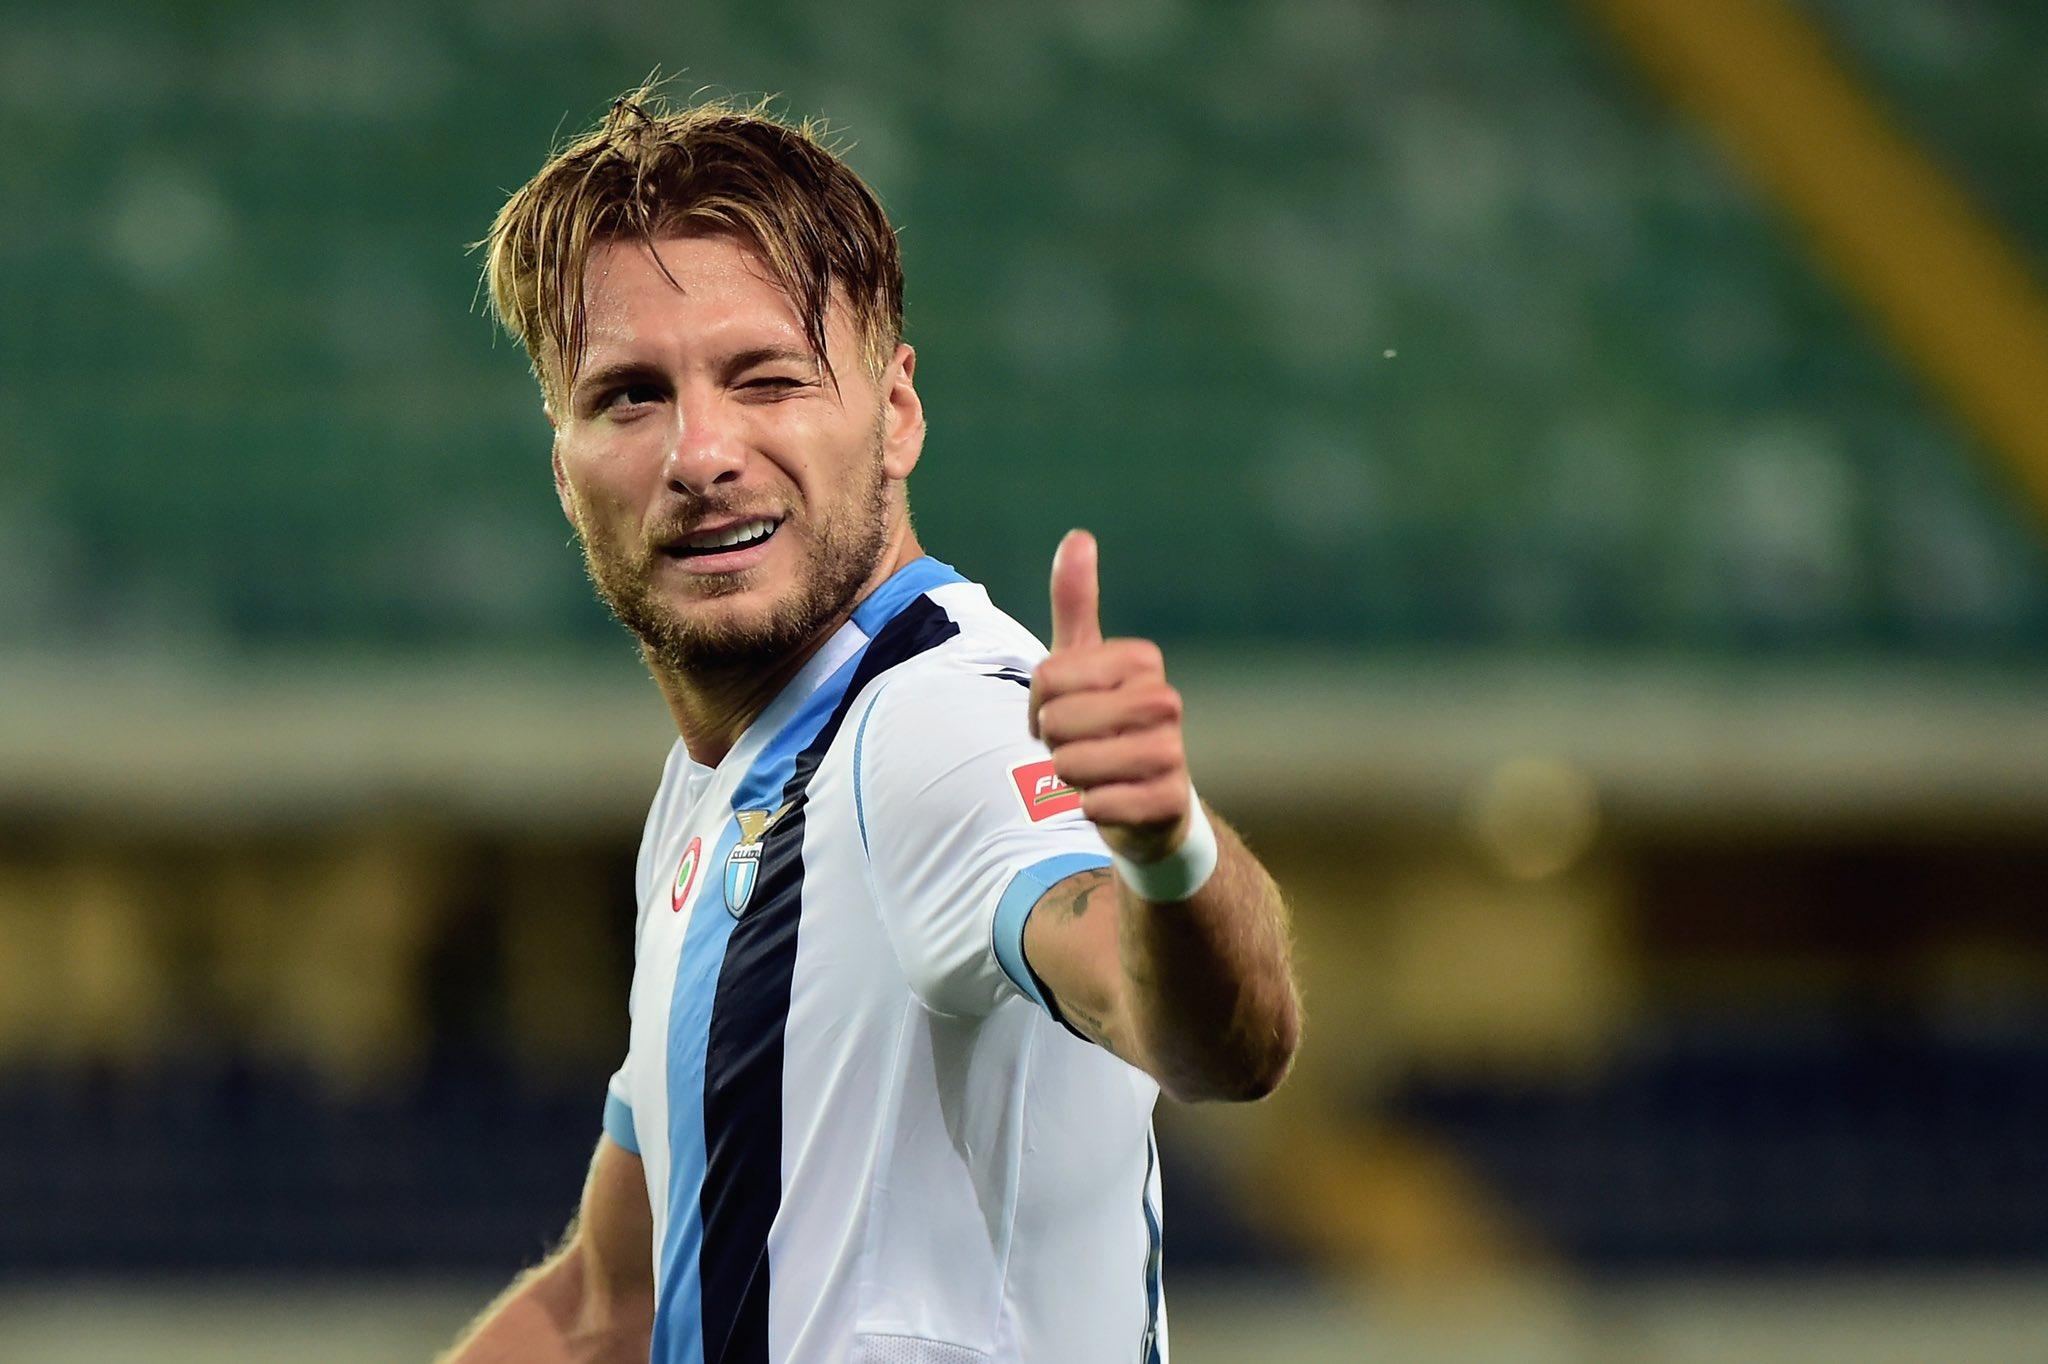 Лацио победи Бреша и остава в борбата за 2-рото място 1